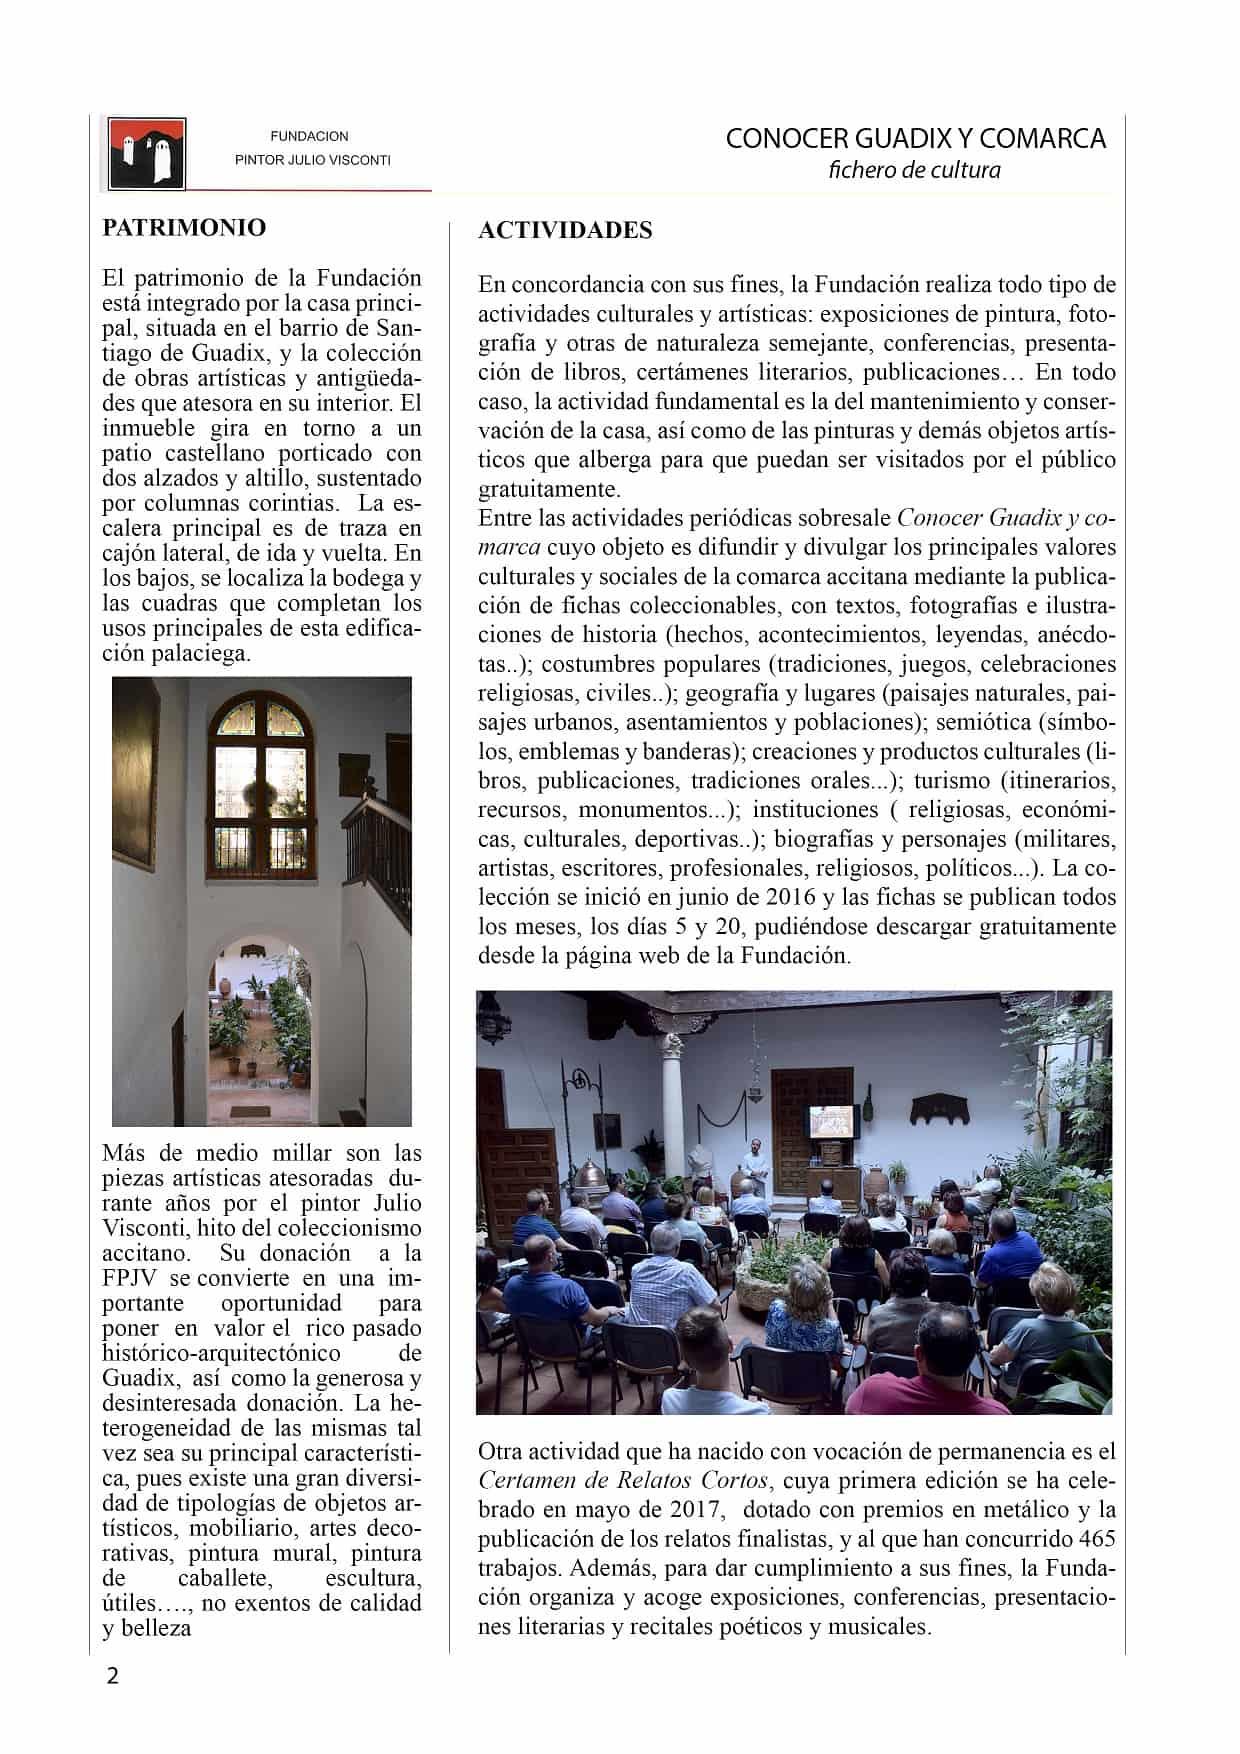 Fundación Pintor Julio Visconti 2 R-min